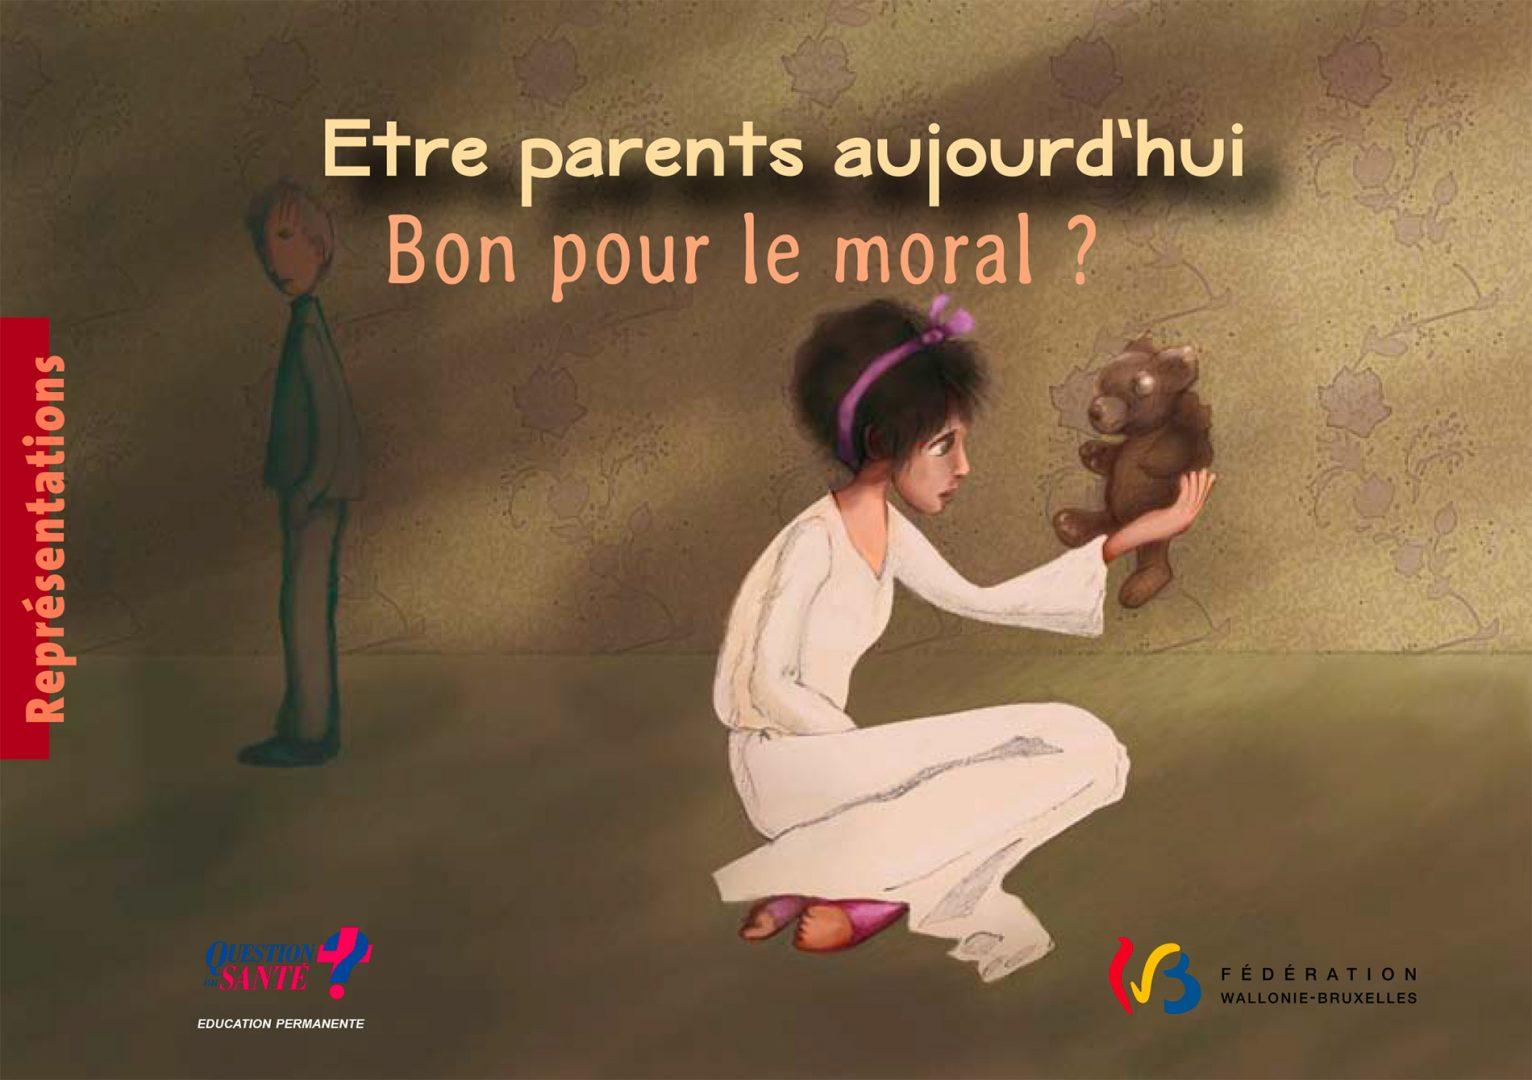 20120608 Img Parentsbonmoral Bd Vf